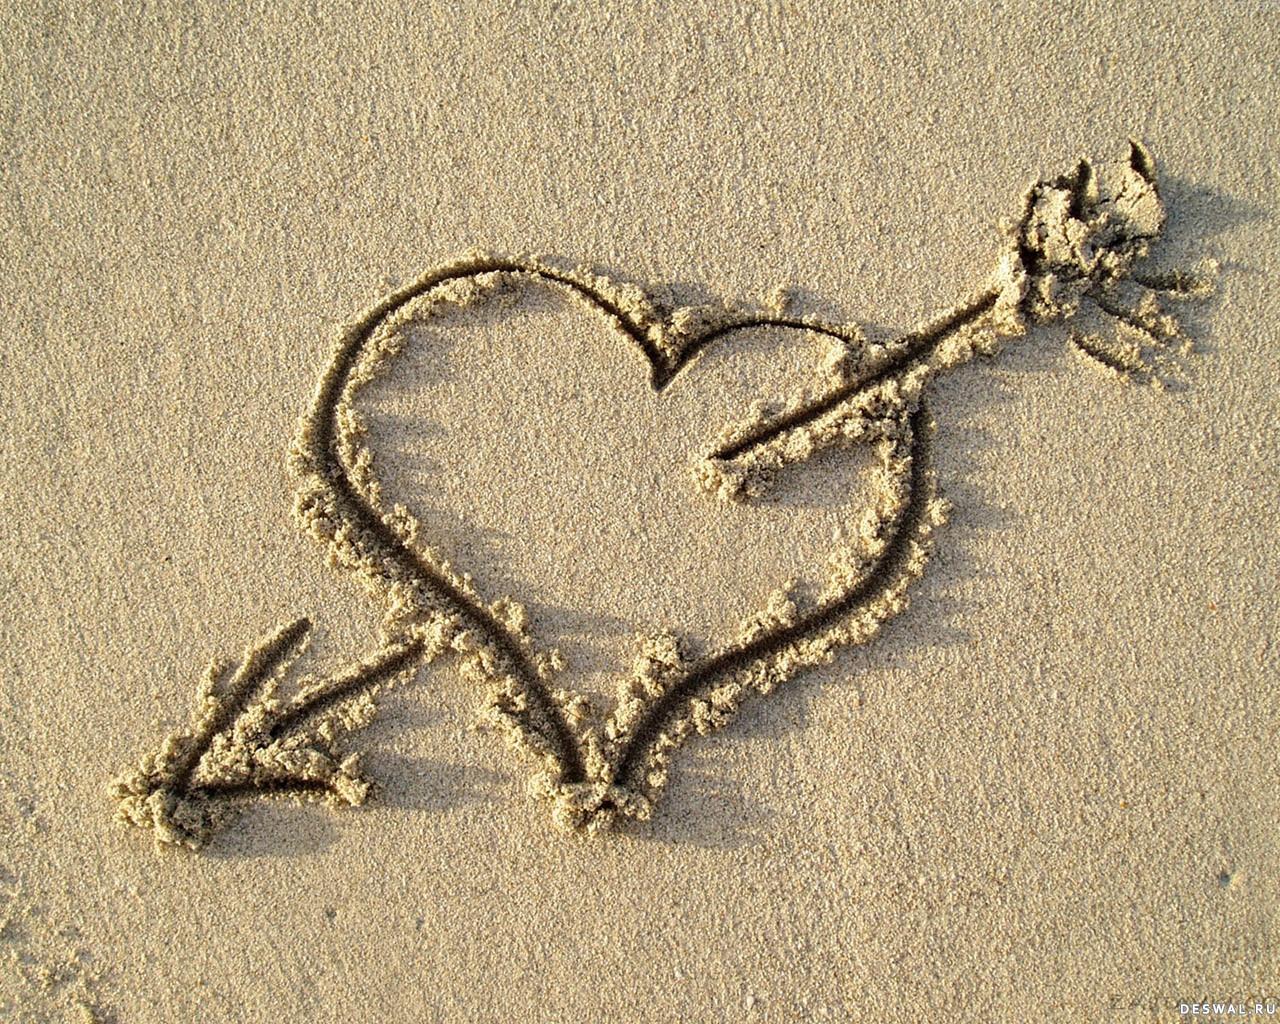 Фото 38. Нажмите на картинку с романтическими обоями - любовь, чтобы просмотреть ее в реальном размере